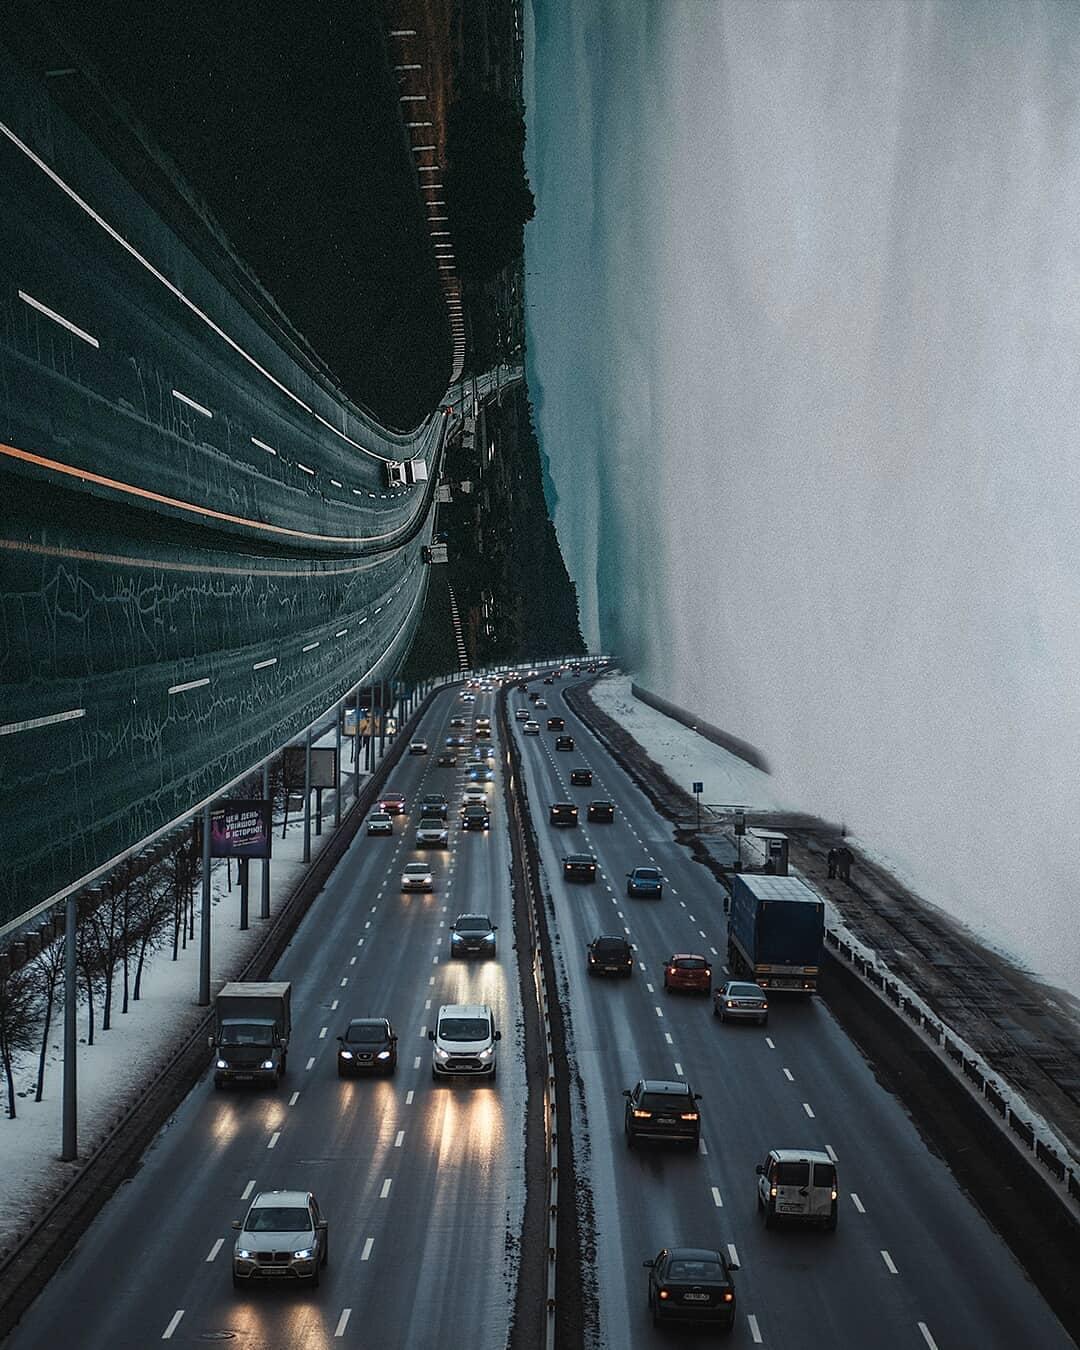 Удивительные фотоманипуляции от Мануэля Беррио